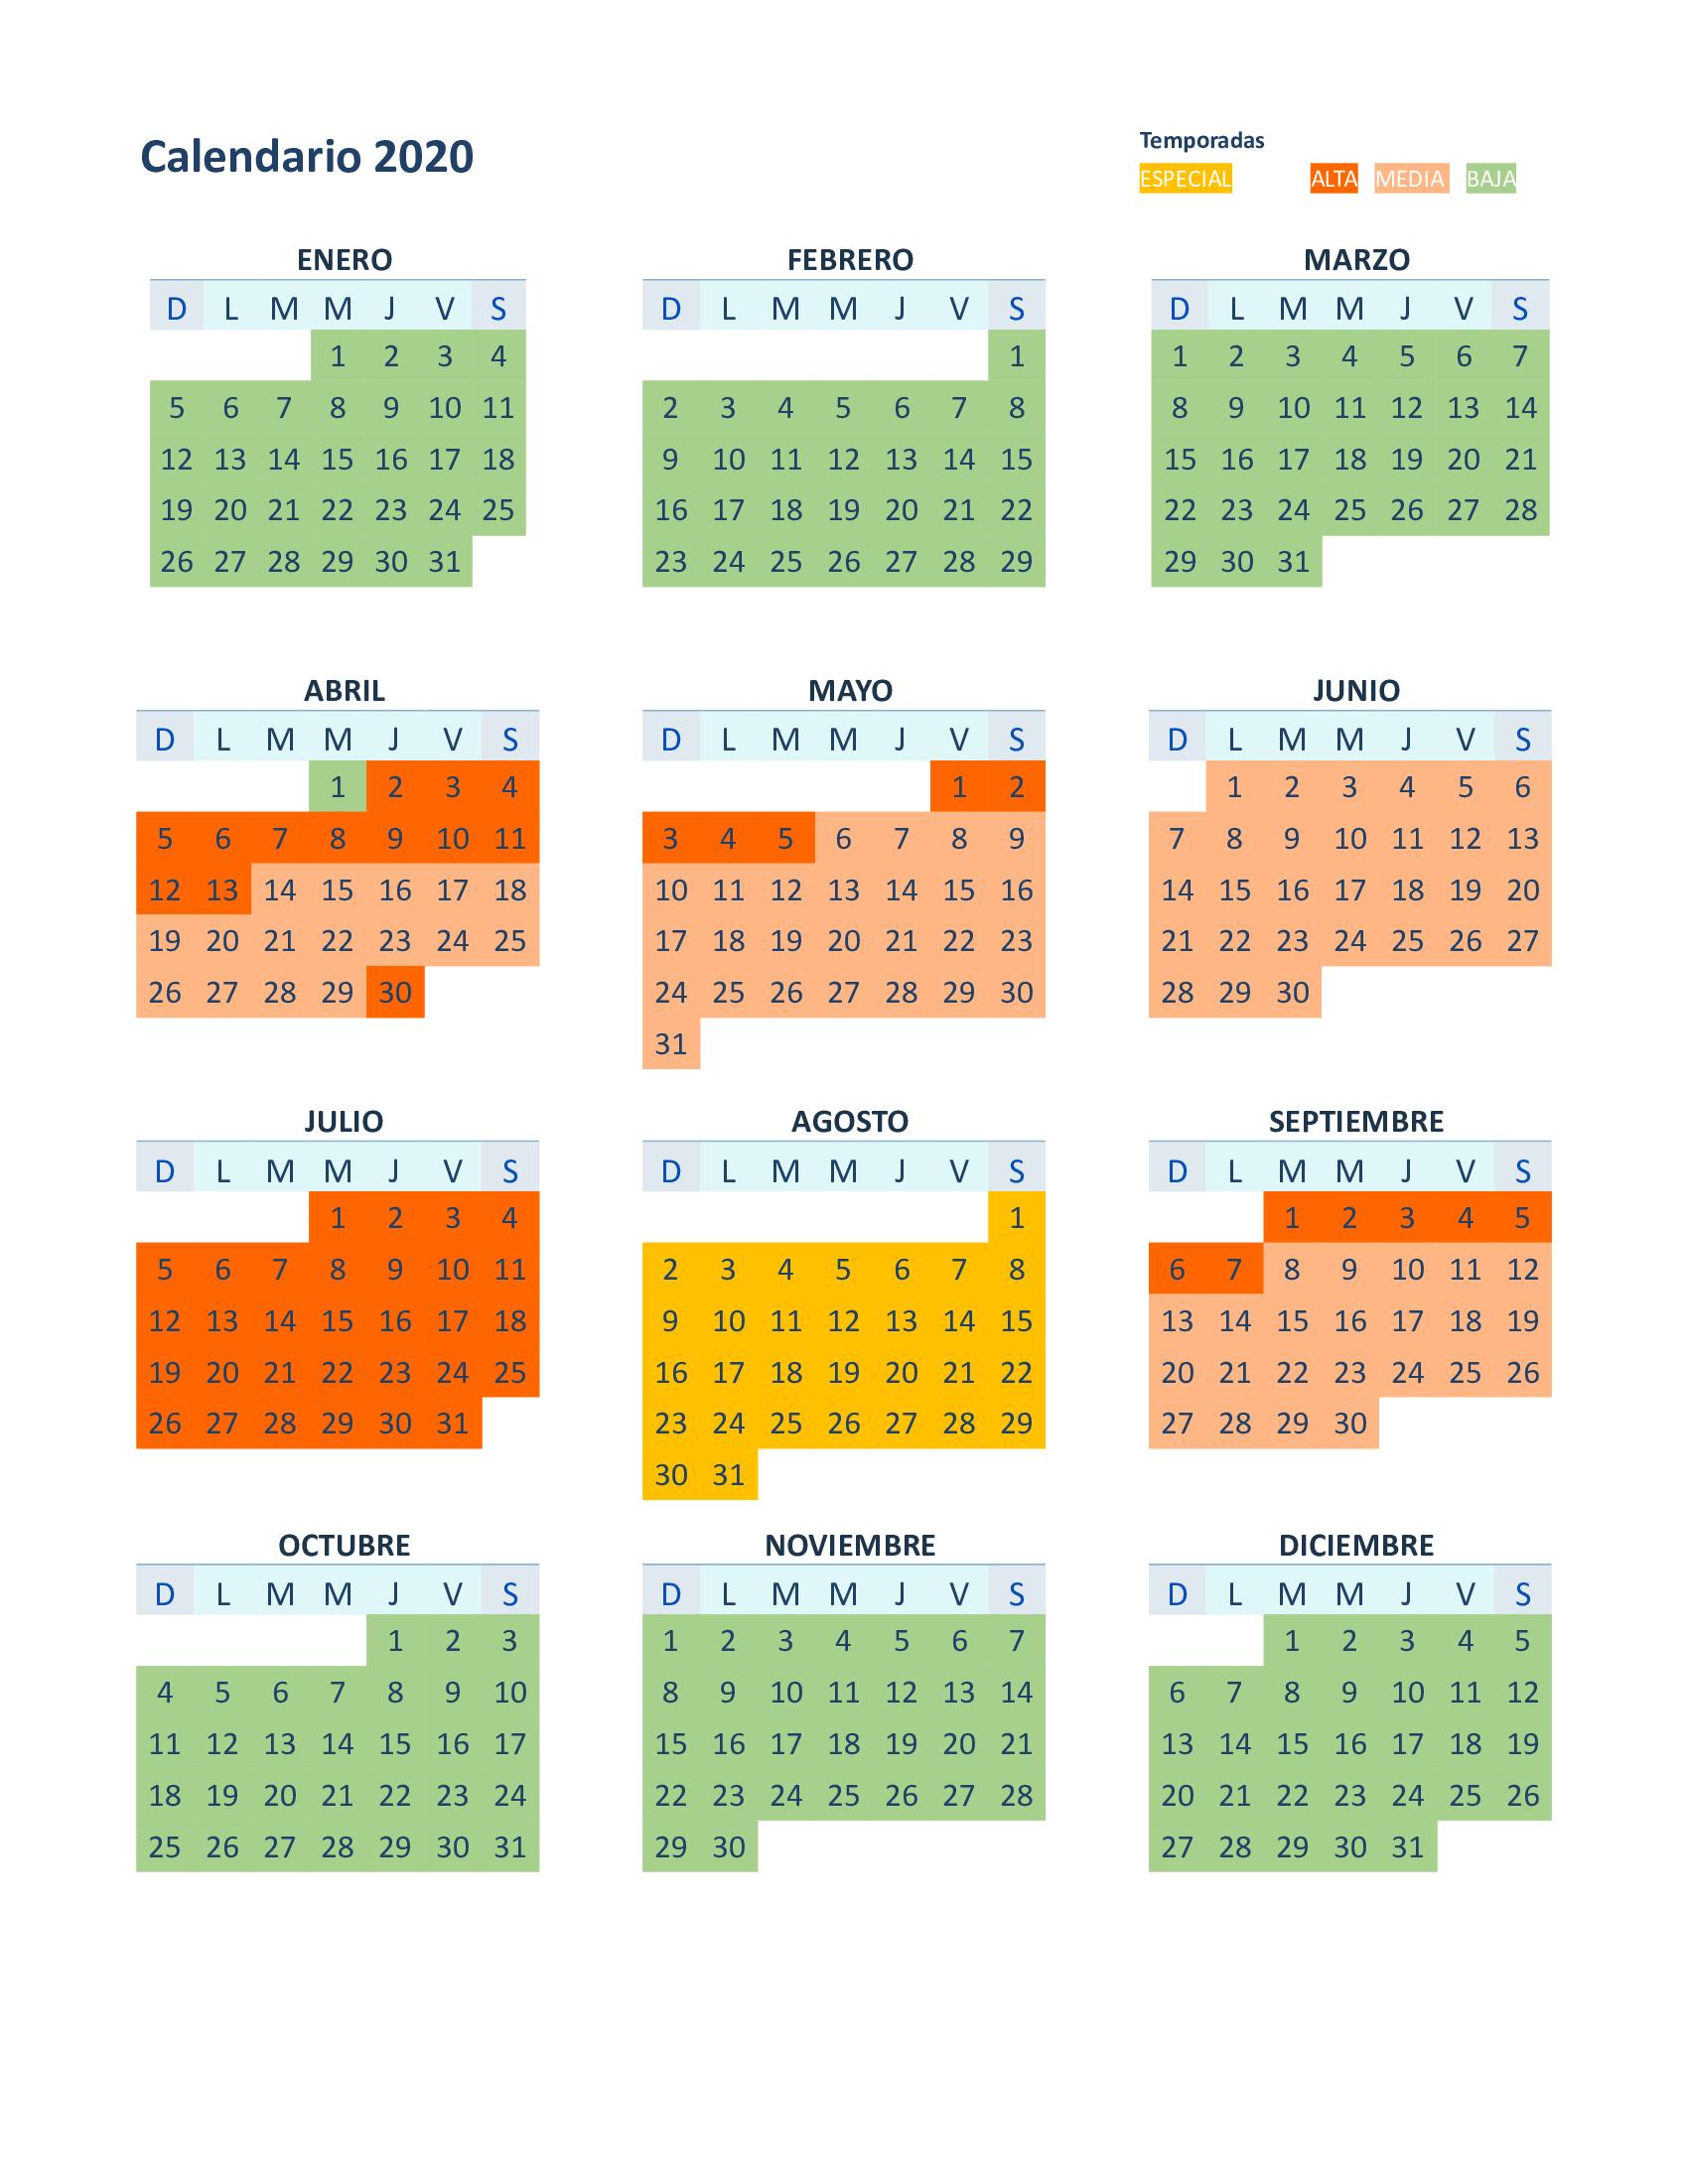 calendario alquiler autocaravanas temporada 2020